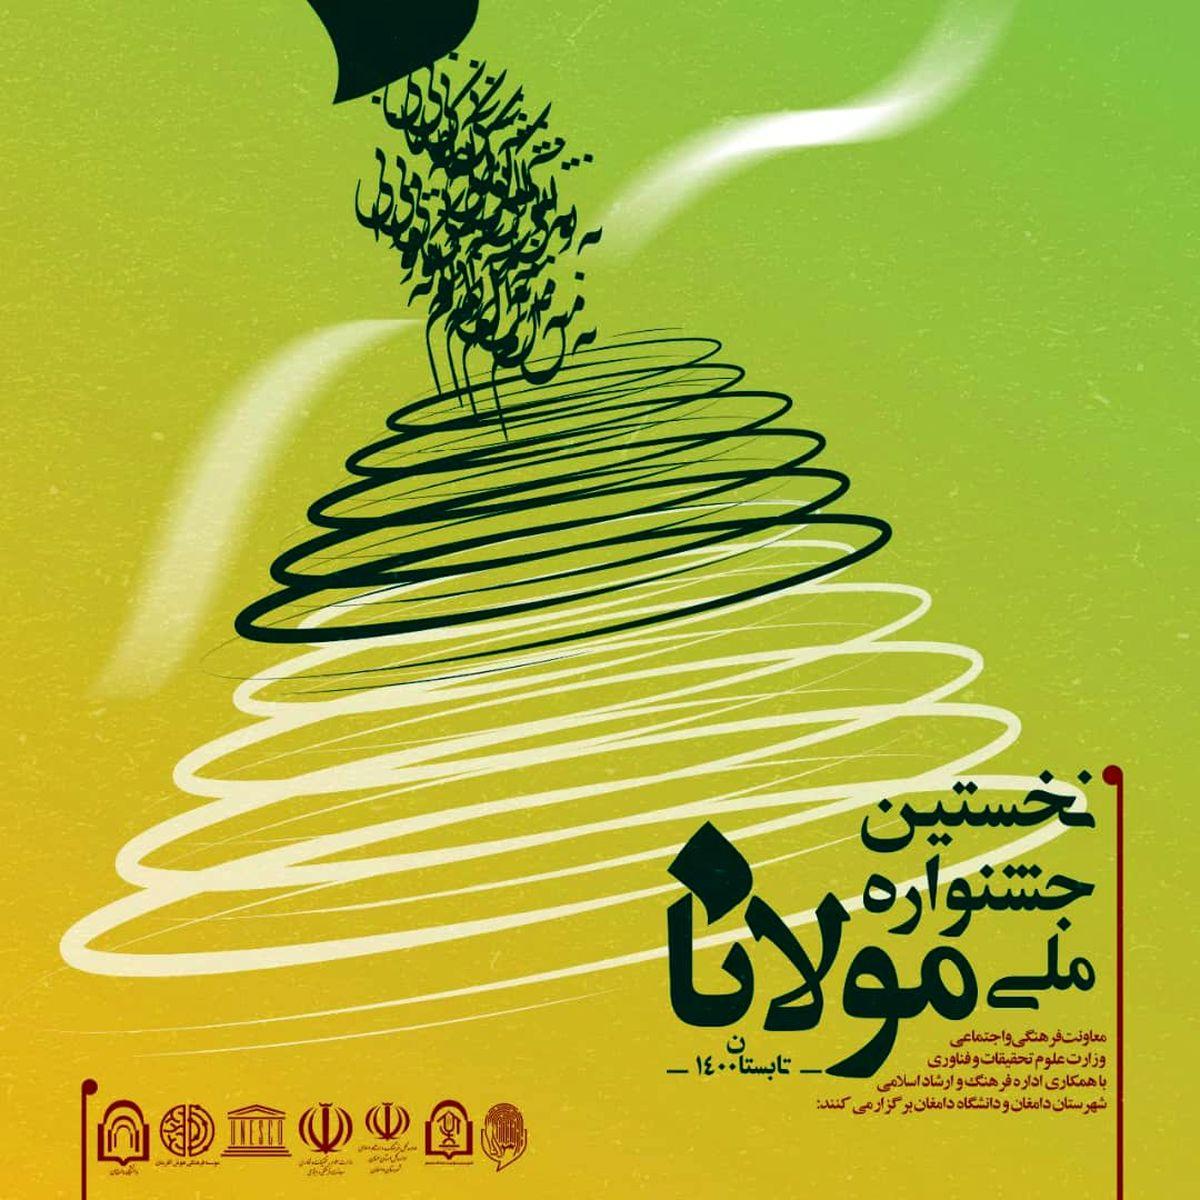 """فراخوان """"نخستین جشنواره گویندگی، دوبله و اجرا مولانا"""" منتشر شد"""